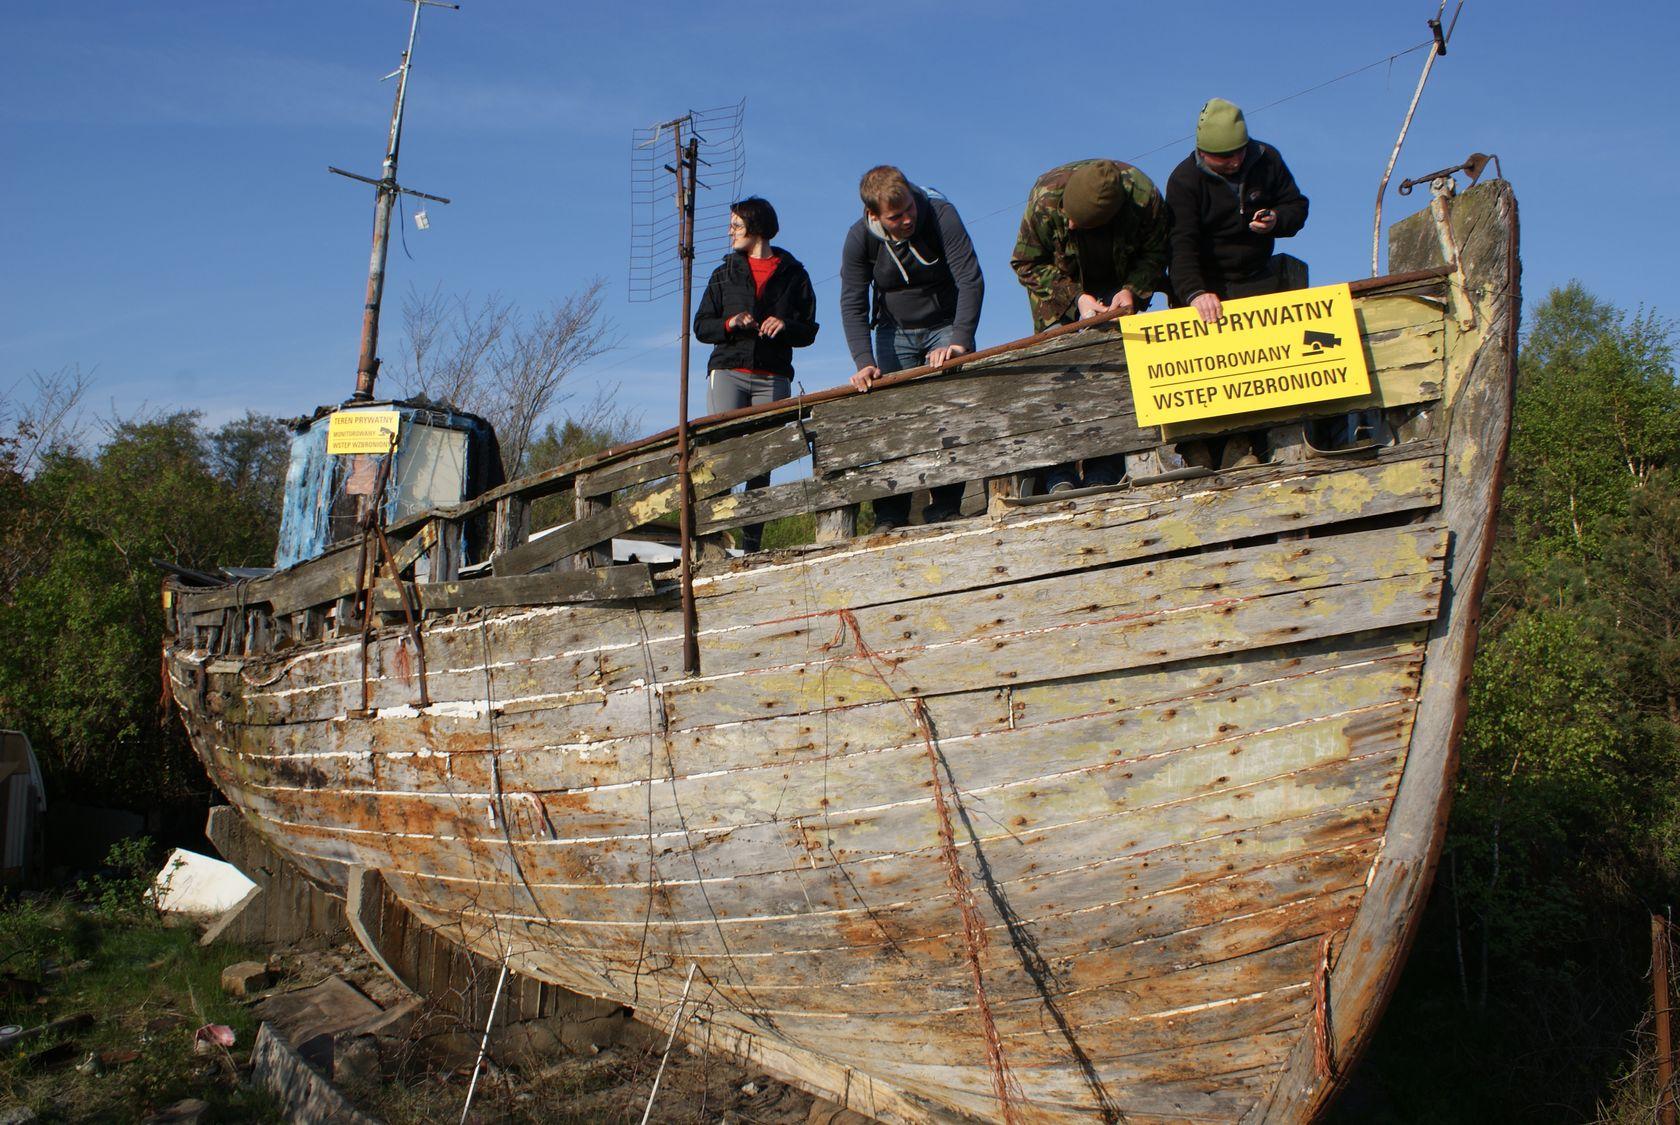 Hel: kuter rybacki WŁA-55. Zapomniany kawałek historii | ZDJĘCIA